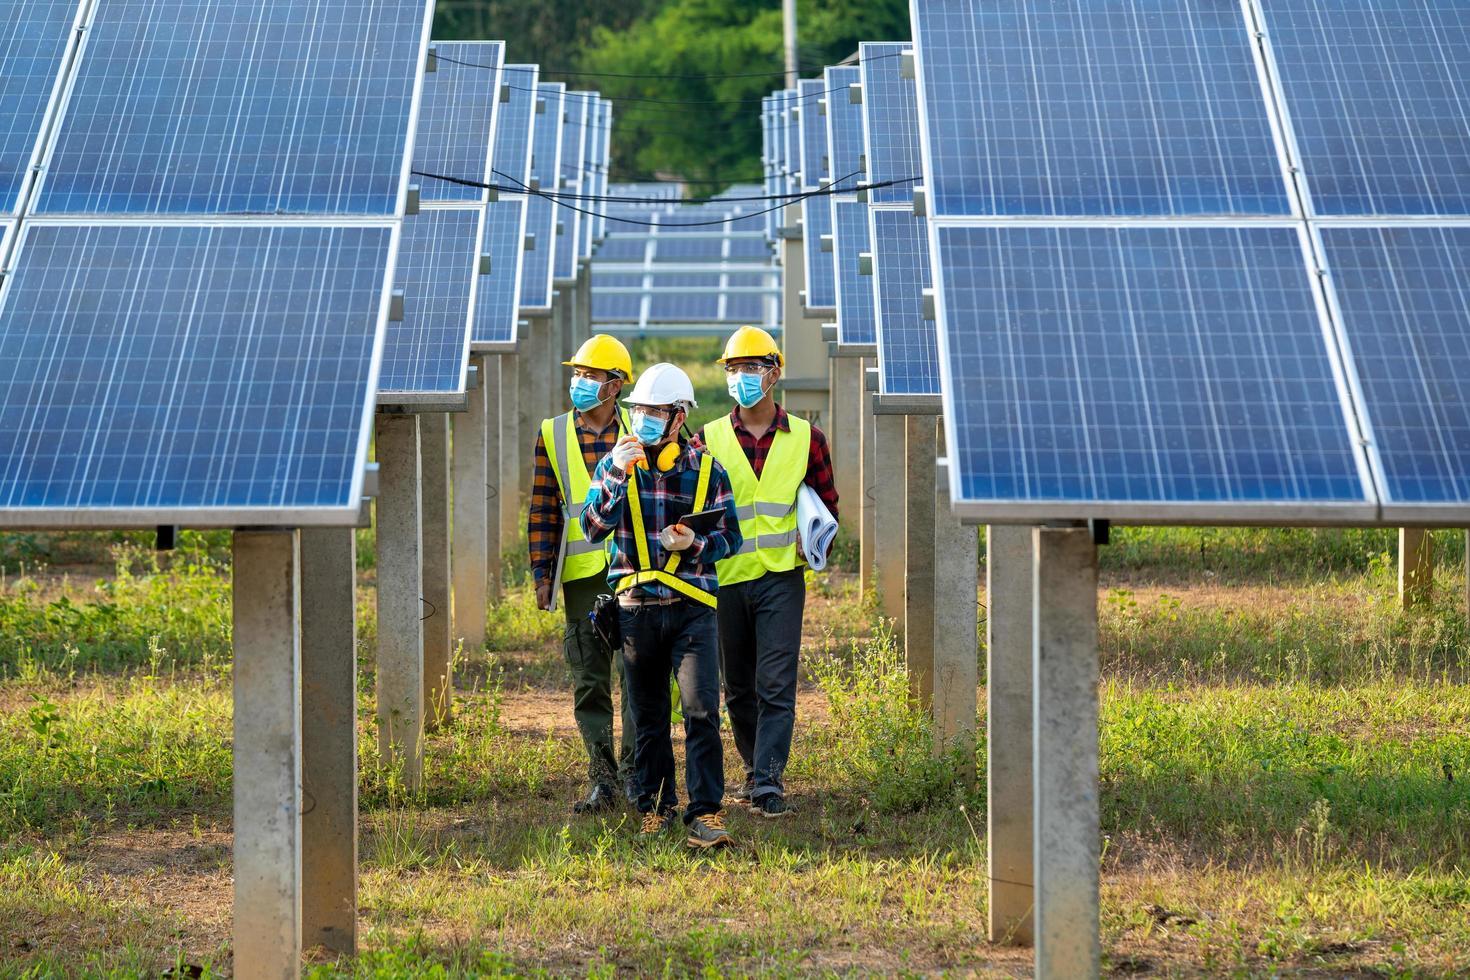 homem vestindo equipamentos de segurança com painéis solares foto